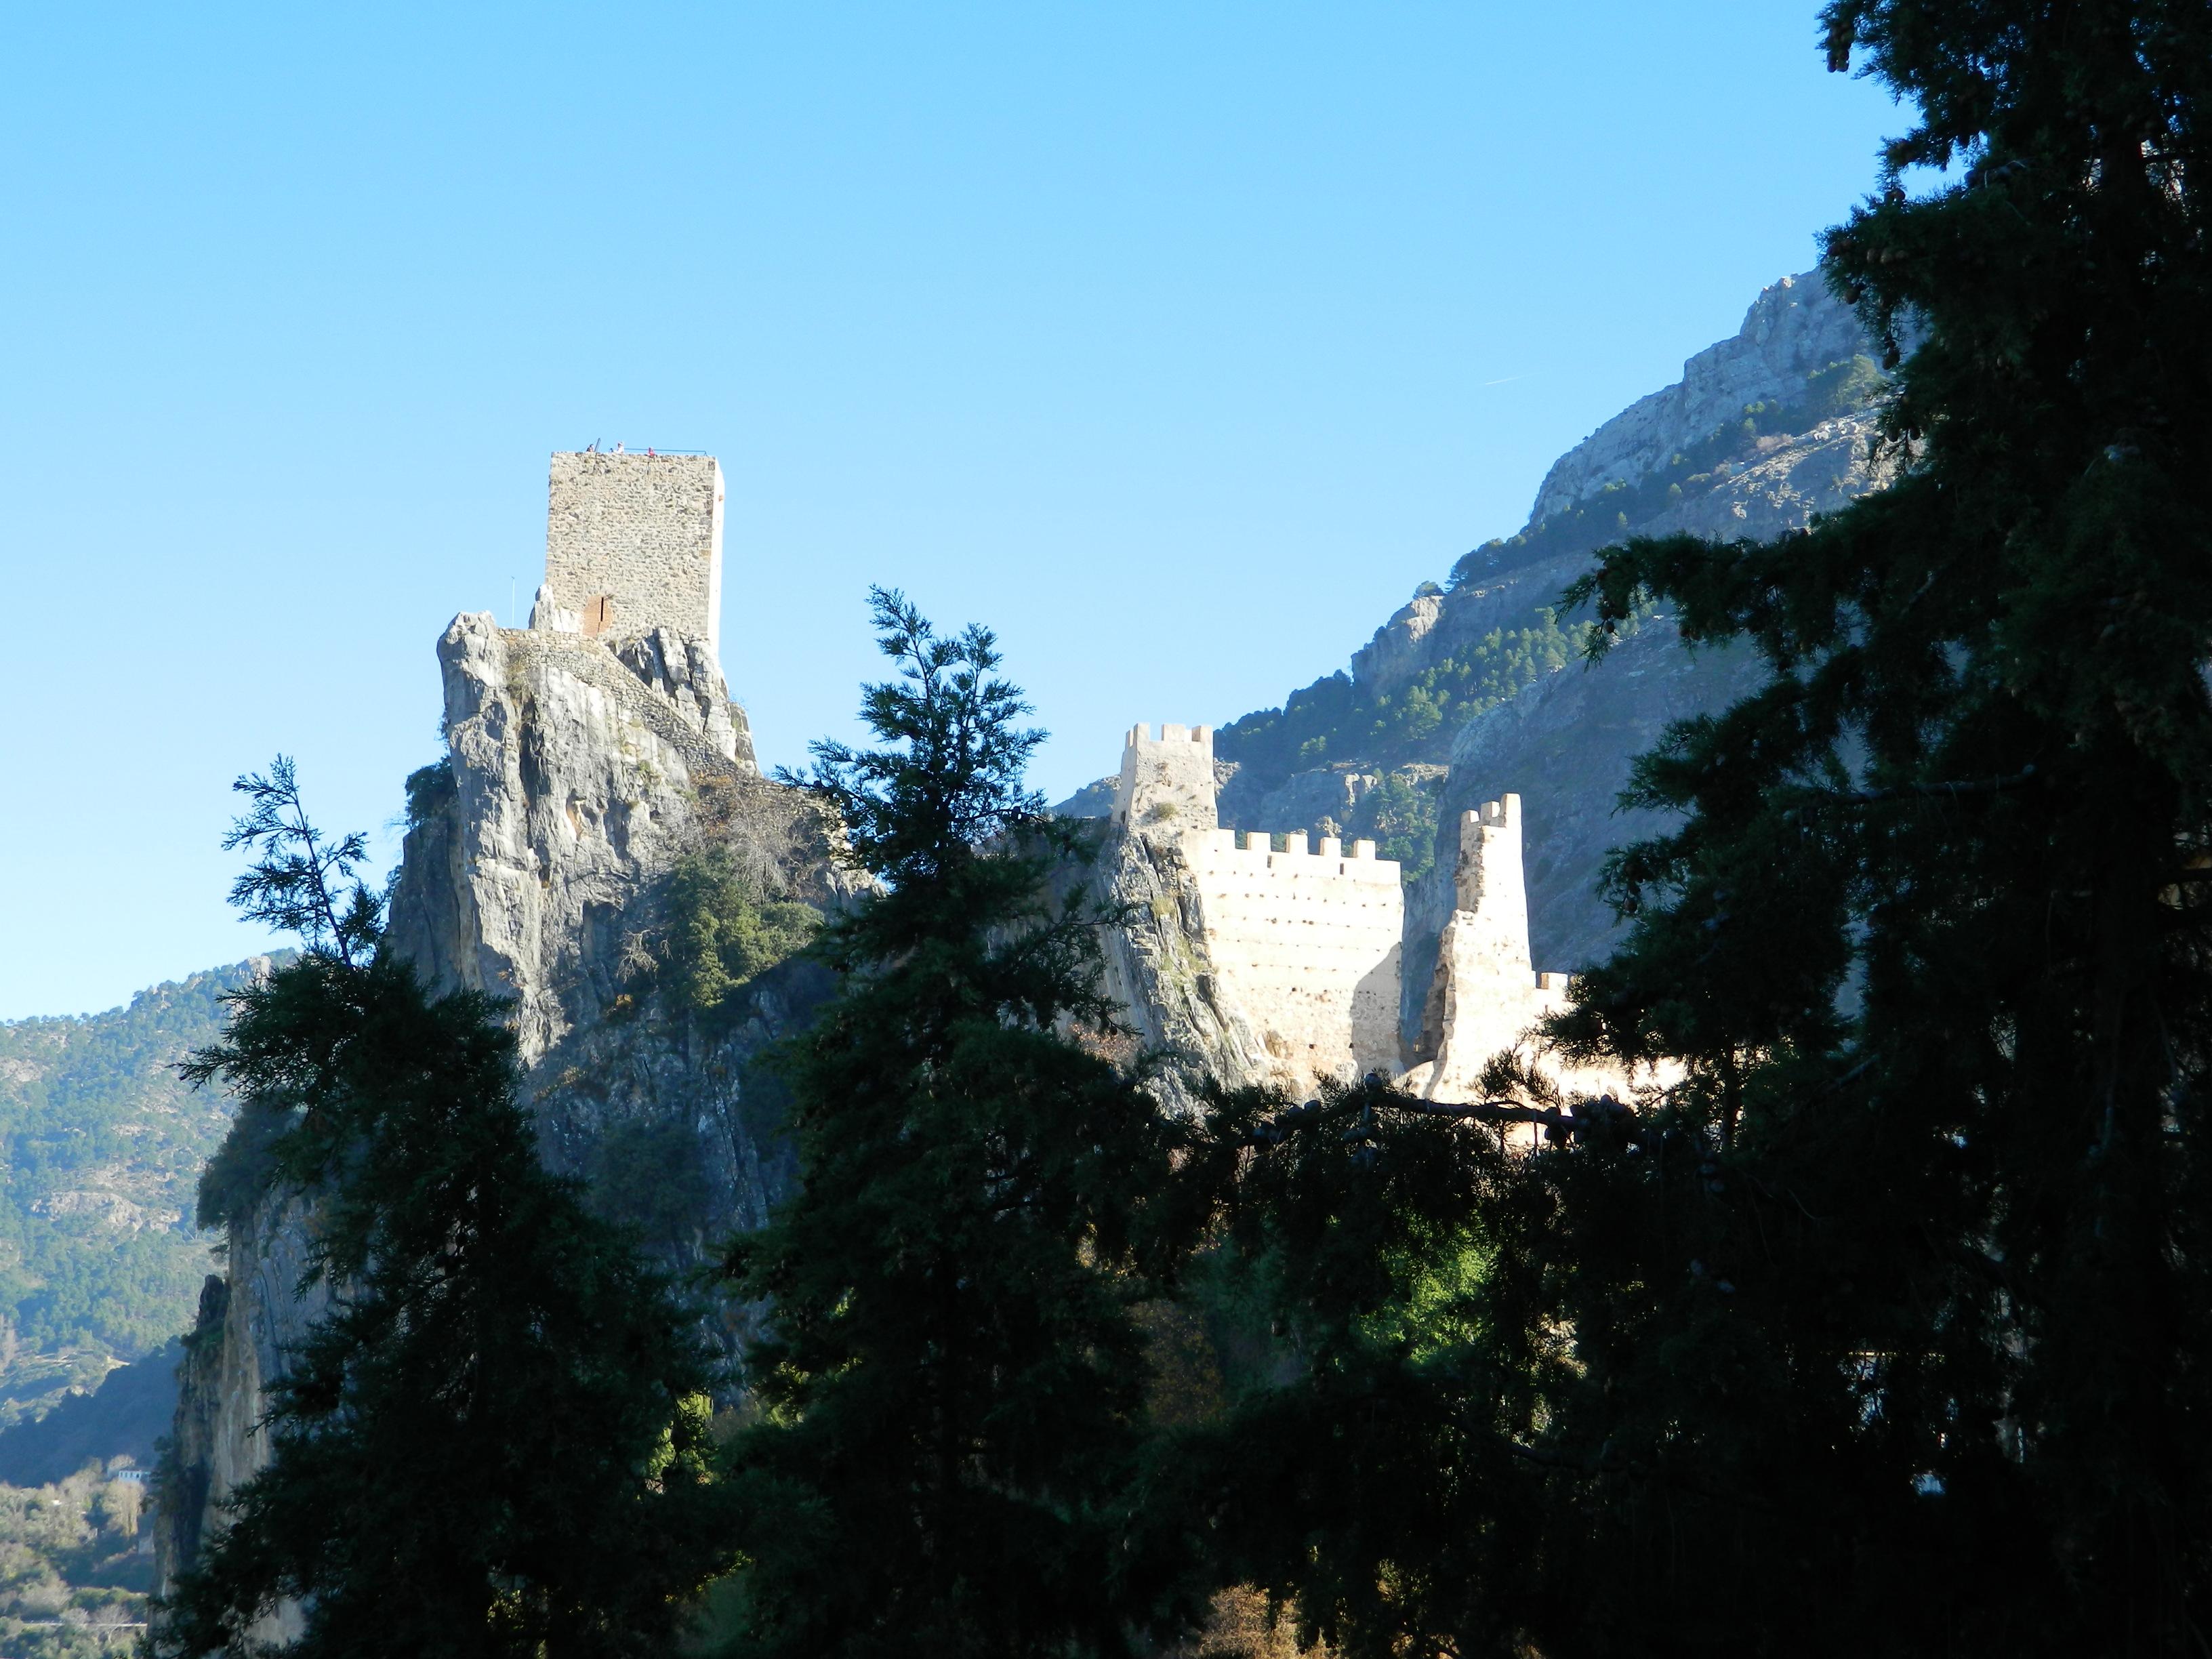 La bellissima la-iruela_jaen_andalusia_viaggio_tour_cazorlatorre del homenaje sullo strapiombo de La Iruela.